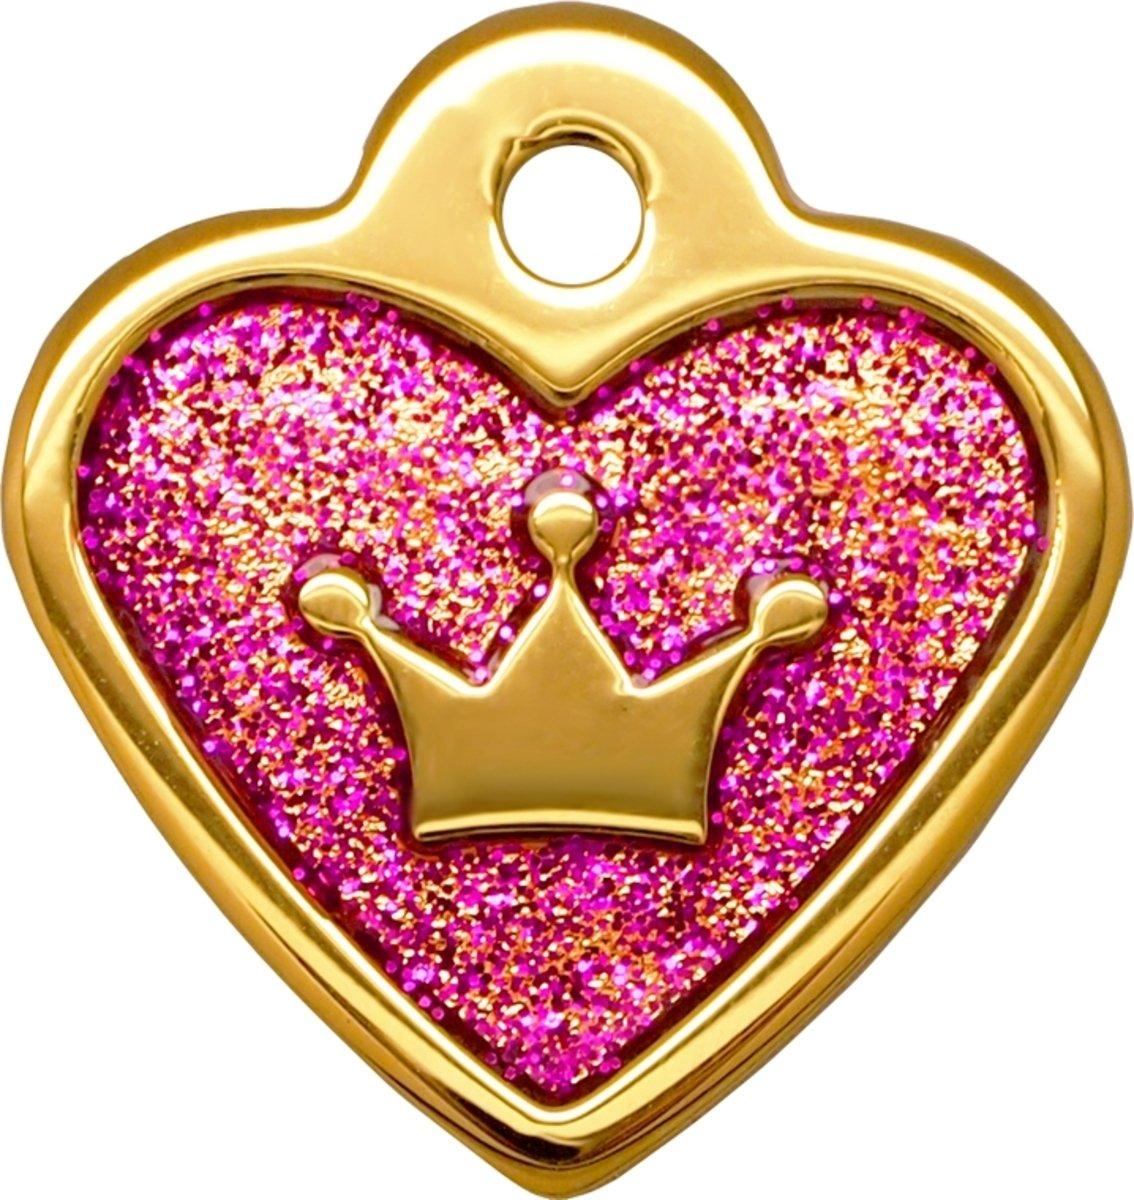 金色小心皇冠牌紫玫瑰滴膠閃粉